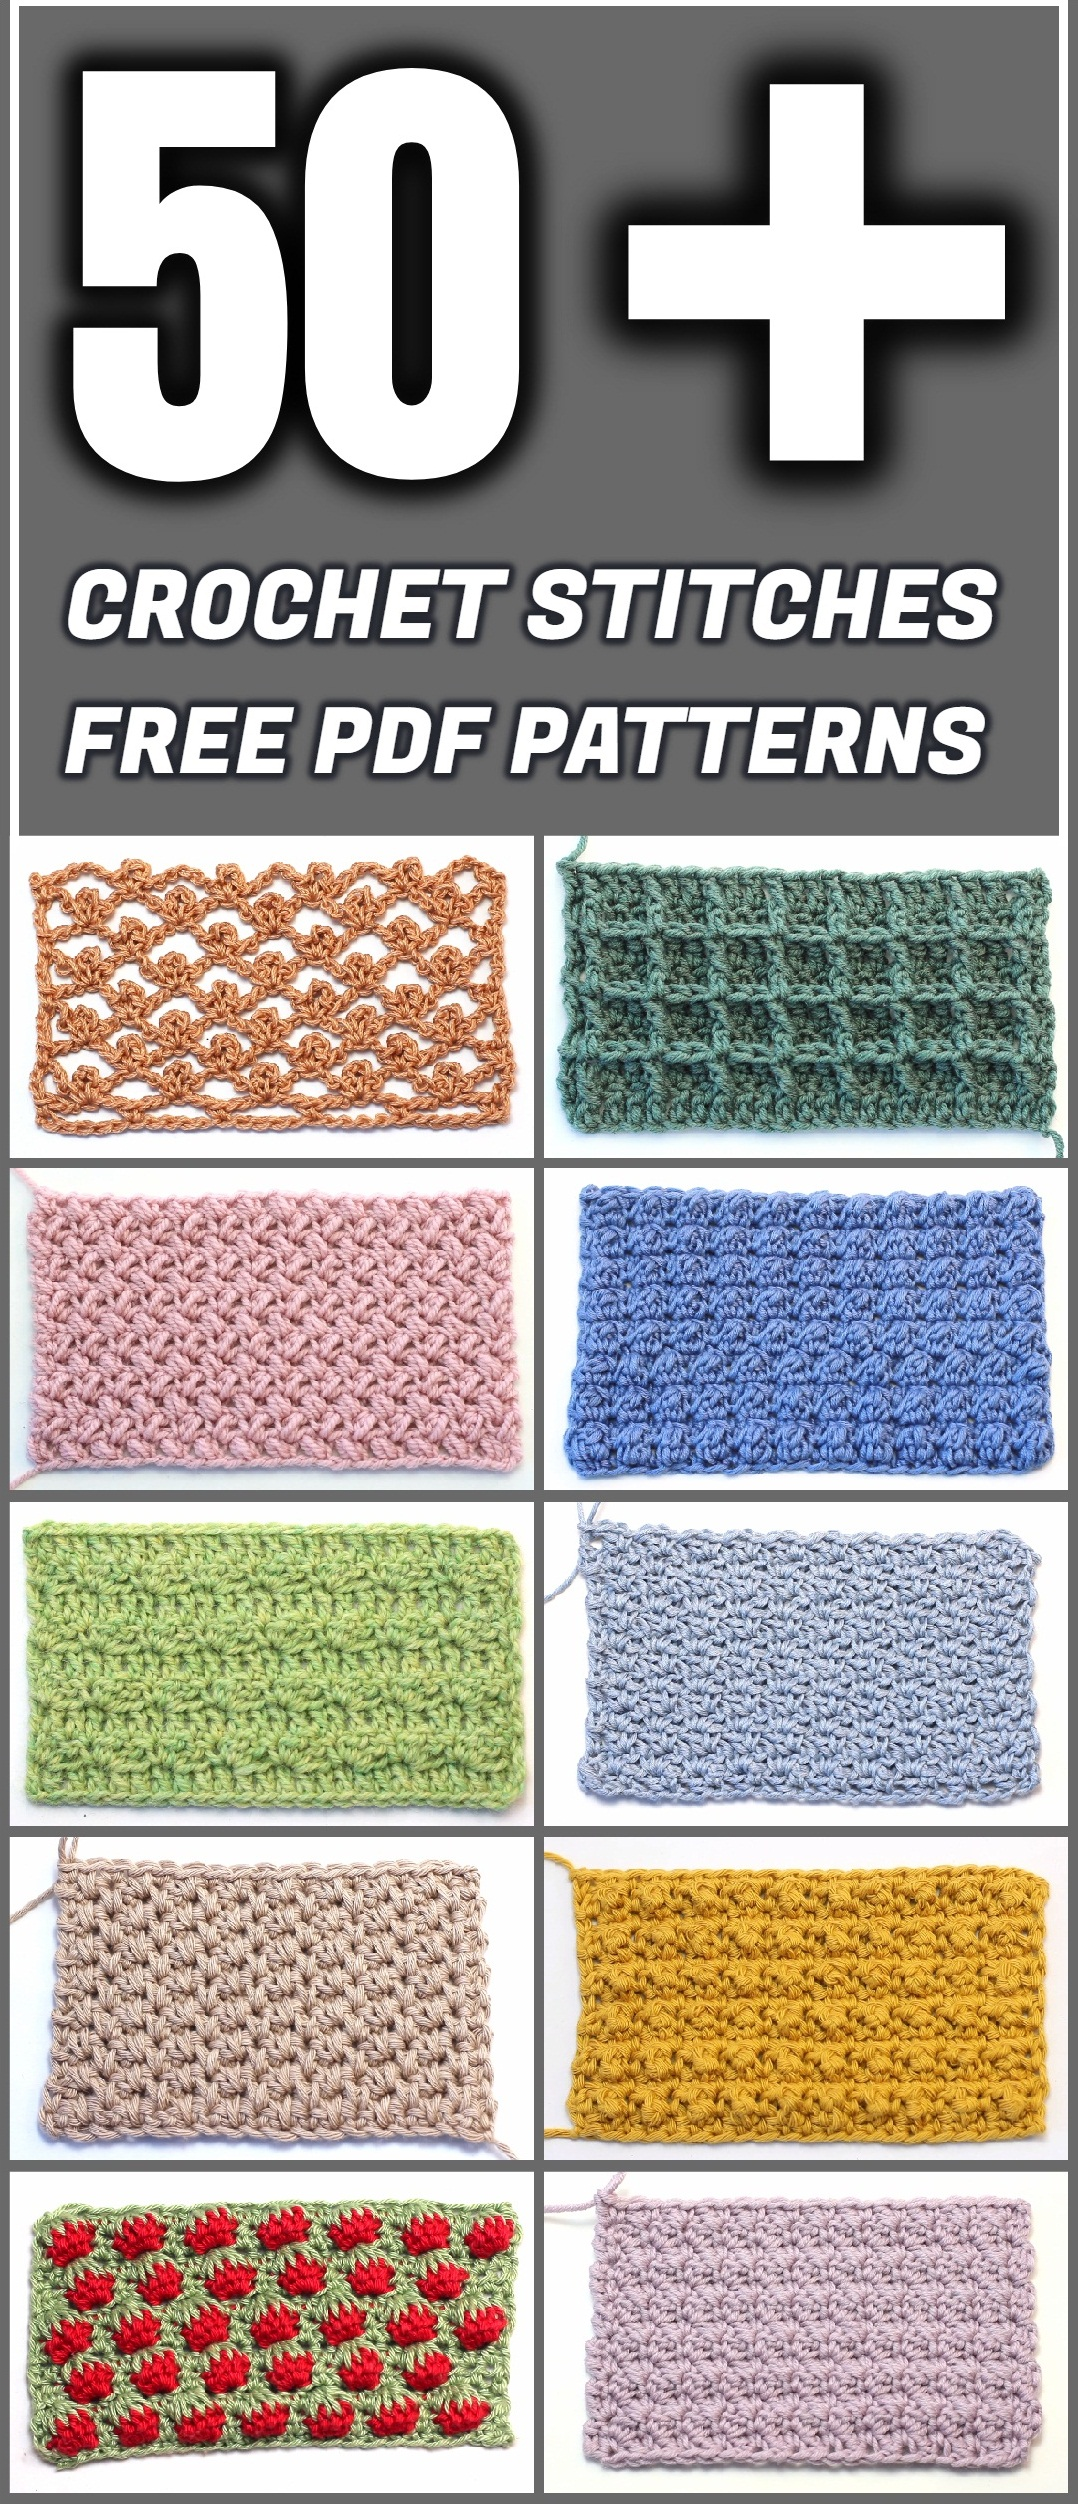 50 Crochet Stitches Free Pdf Patterns Yarn Hooks